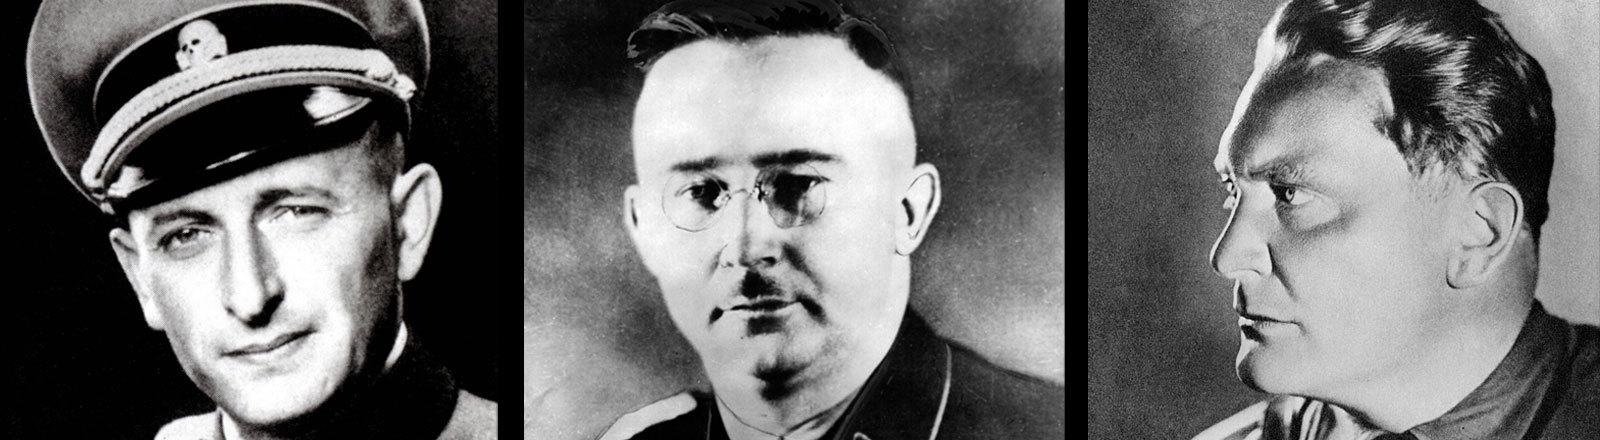 Adolf Eichmann, Heinrich Himmler, Hermann Göring